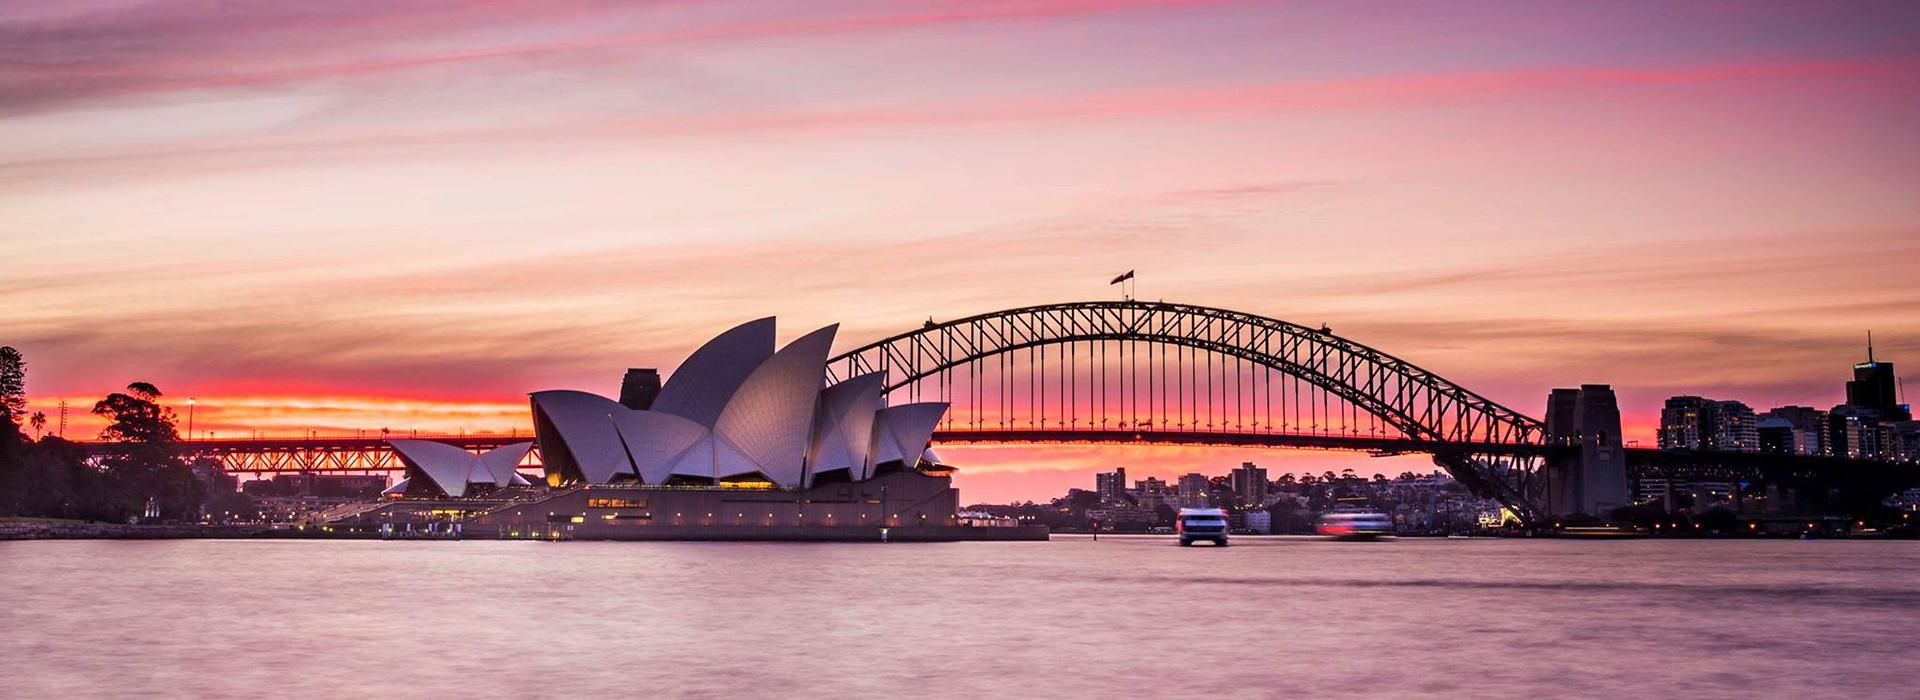 Tour du lịch Úc